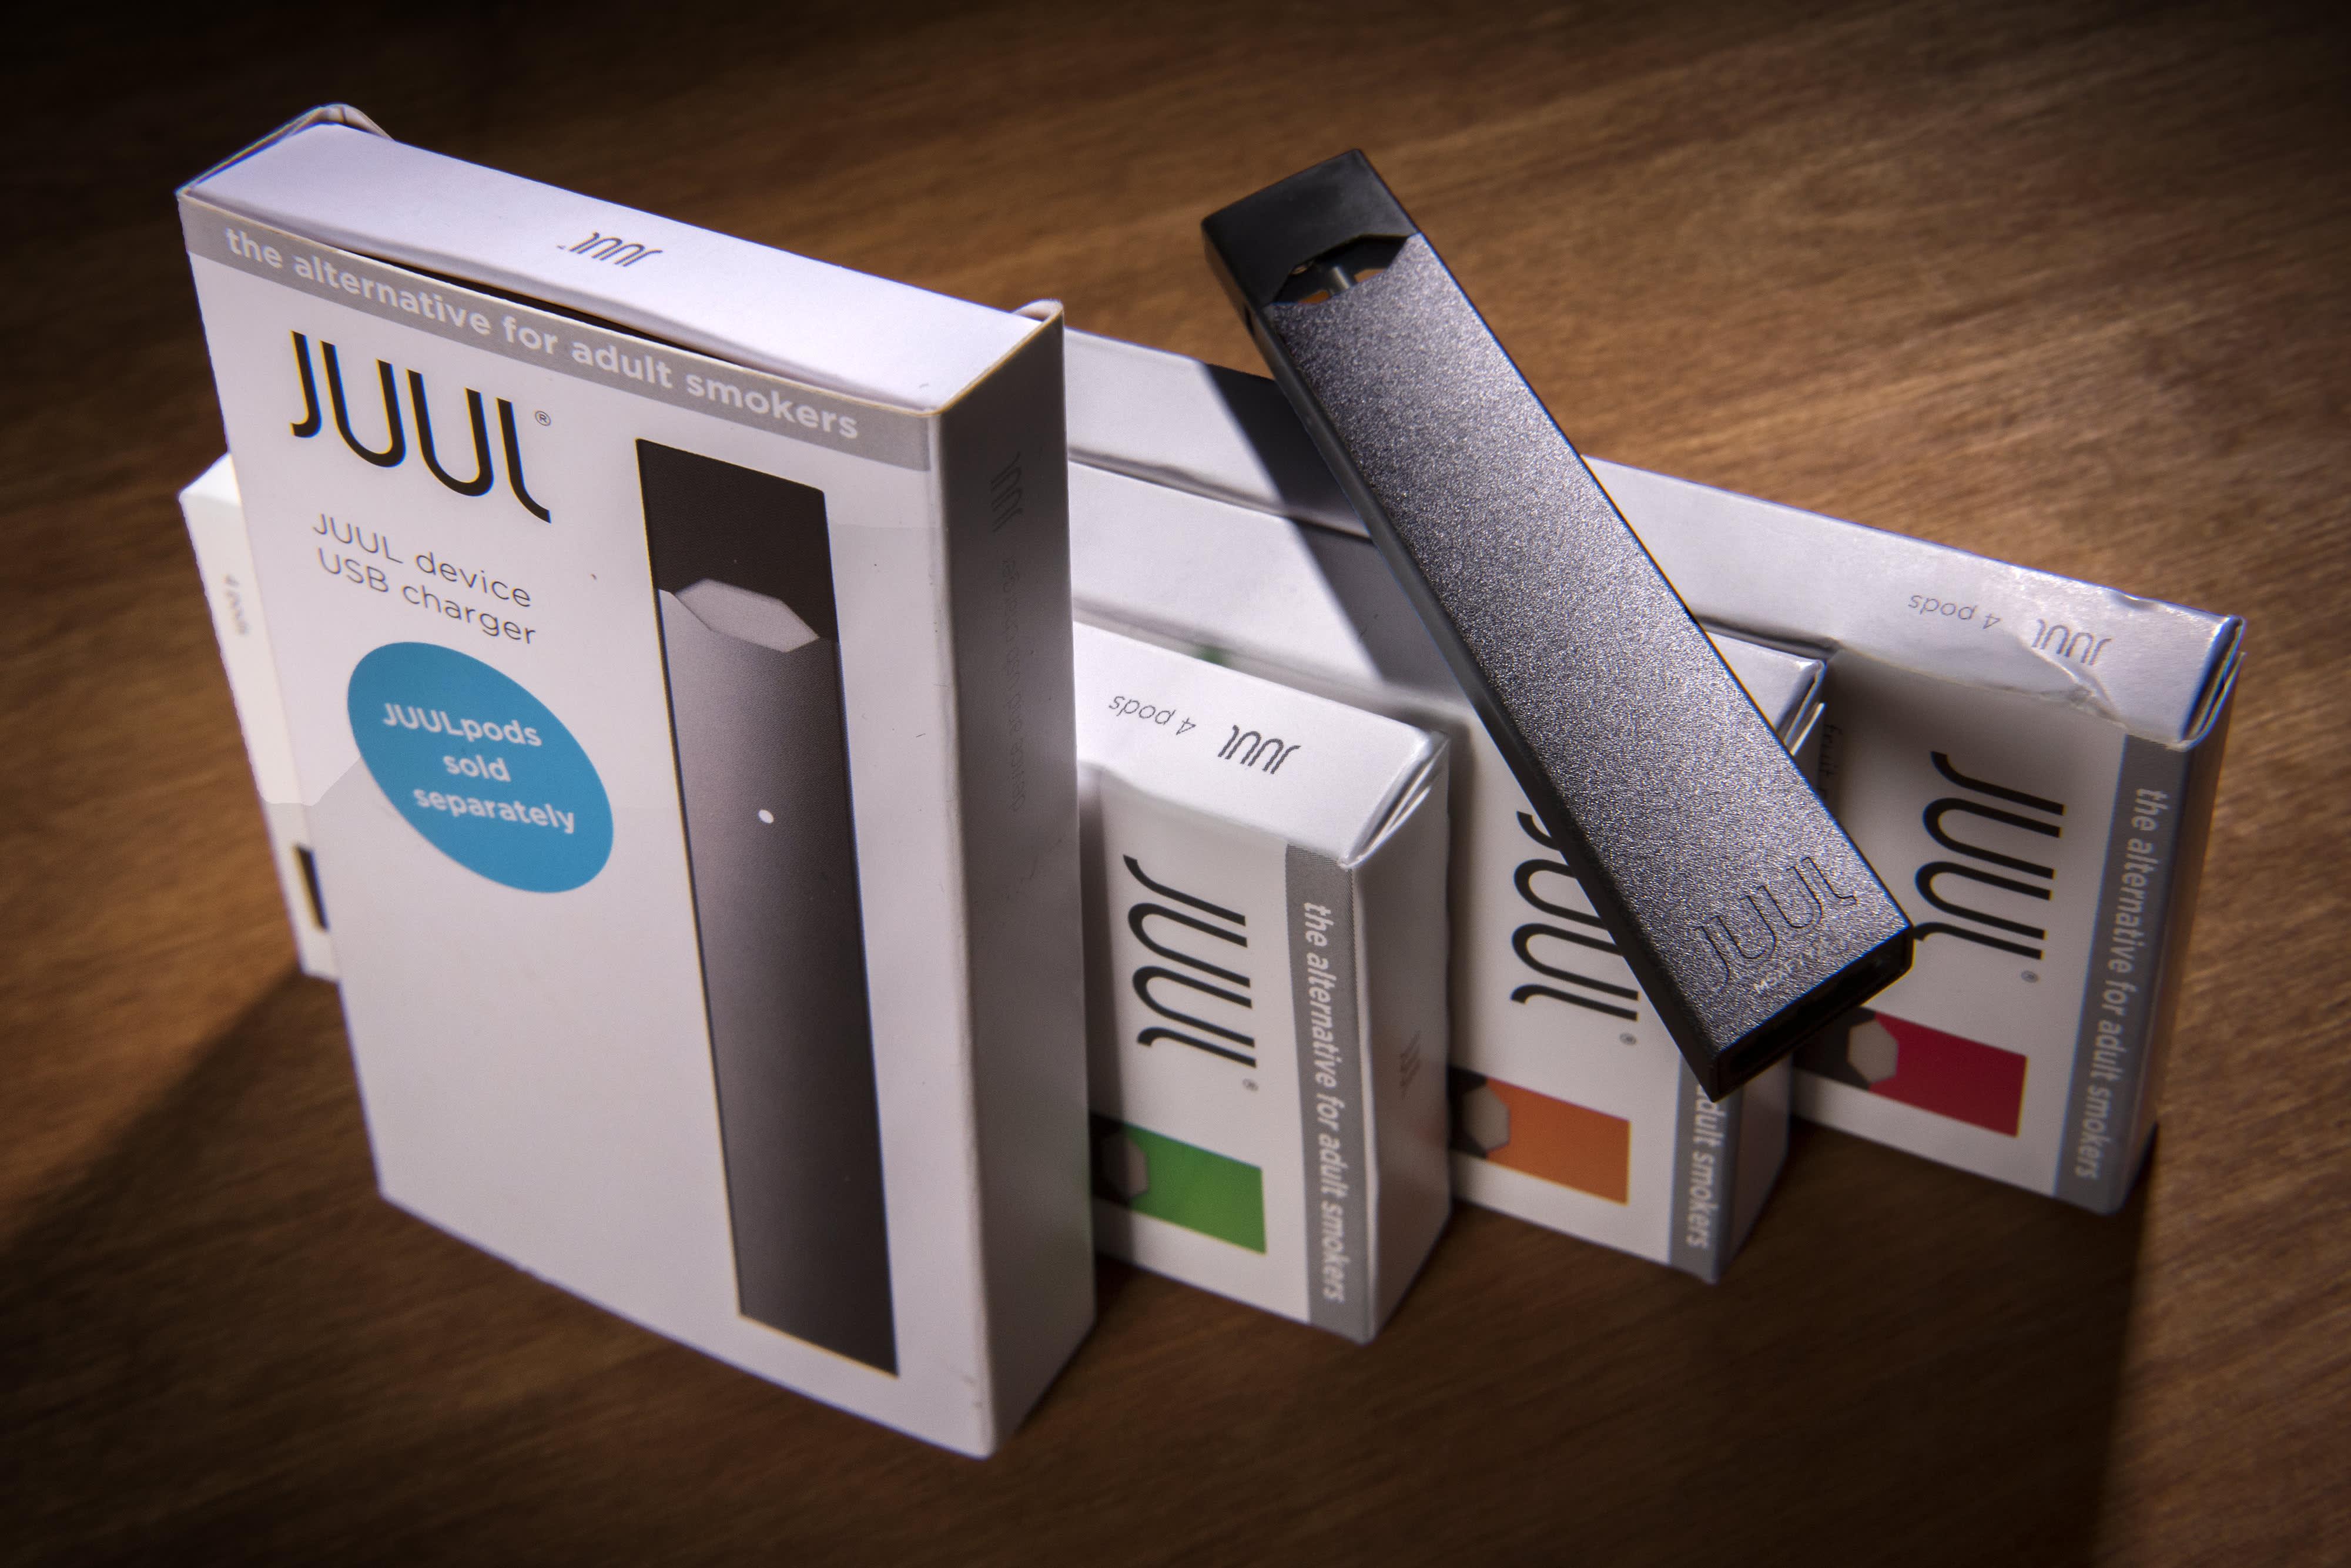 Altria takes 35% stake in Juul, valu e-cigarette maker at